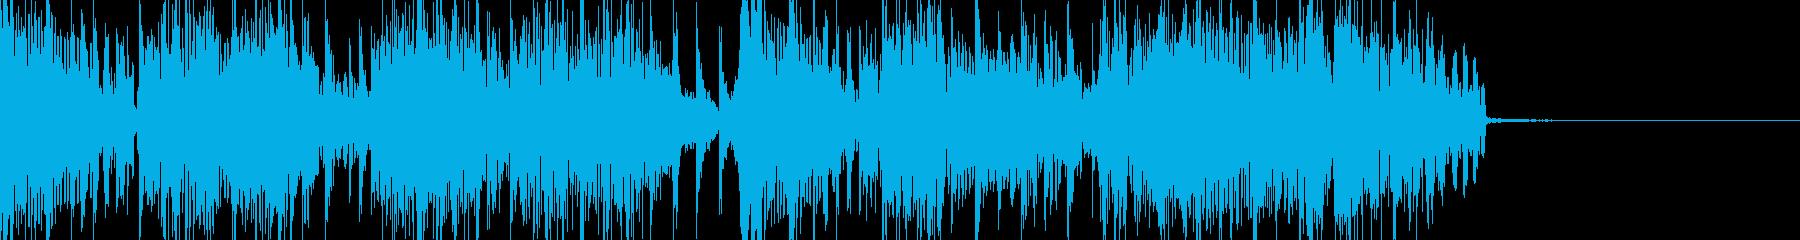 ジャズでドラムンベースなジングルの再生済みの波形